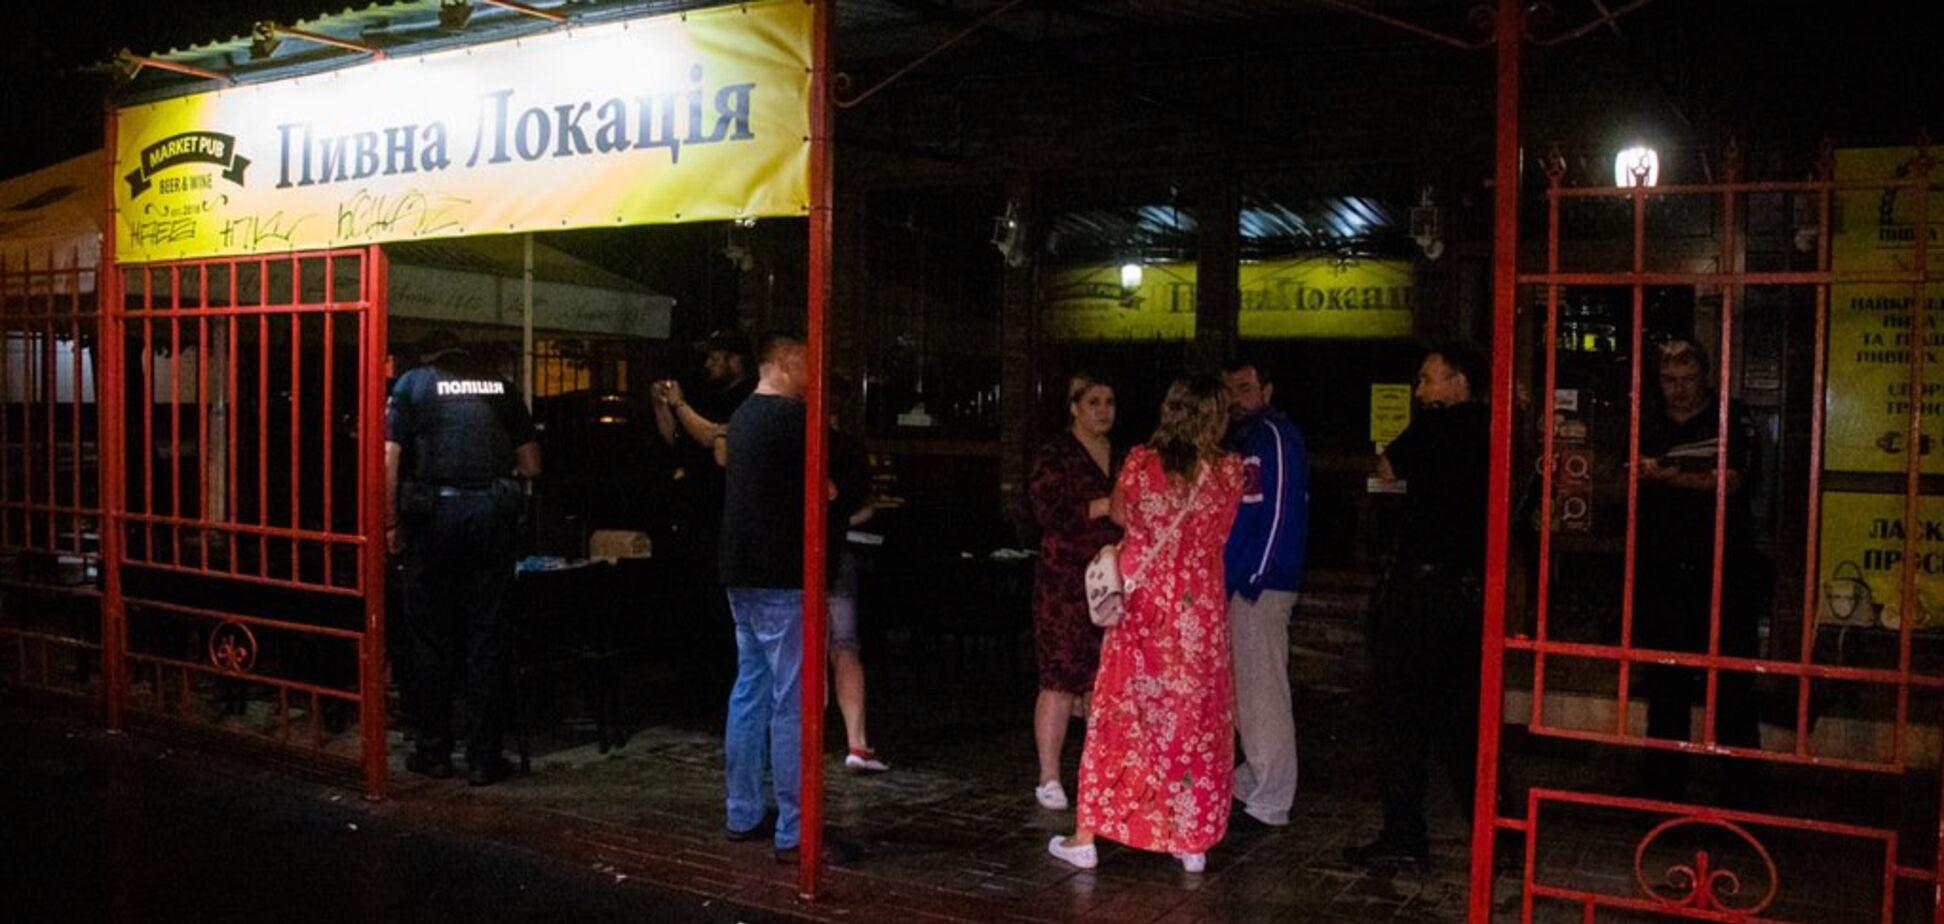 Дістав пістолет і почав стріляти: у Києві обстріляли відвідувачів кафе. Фото з місця